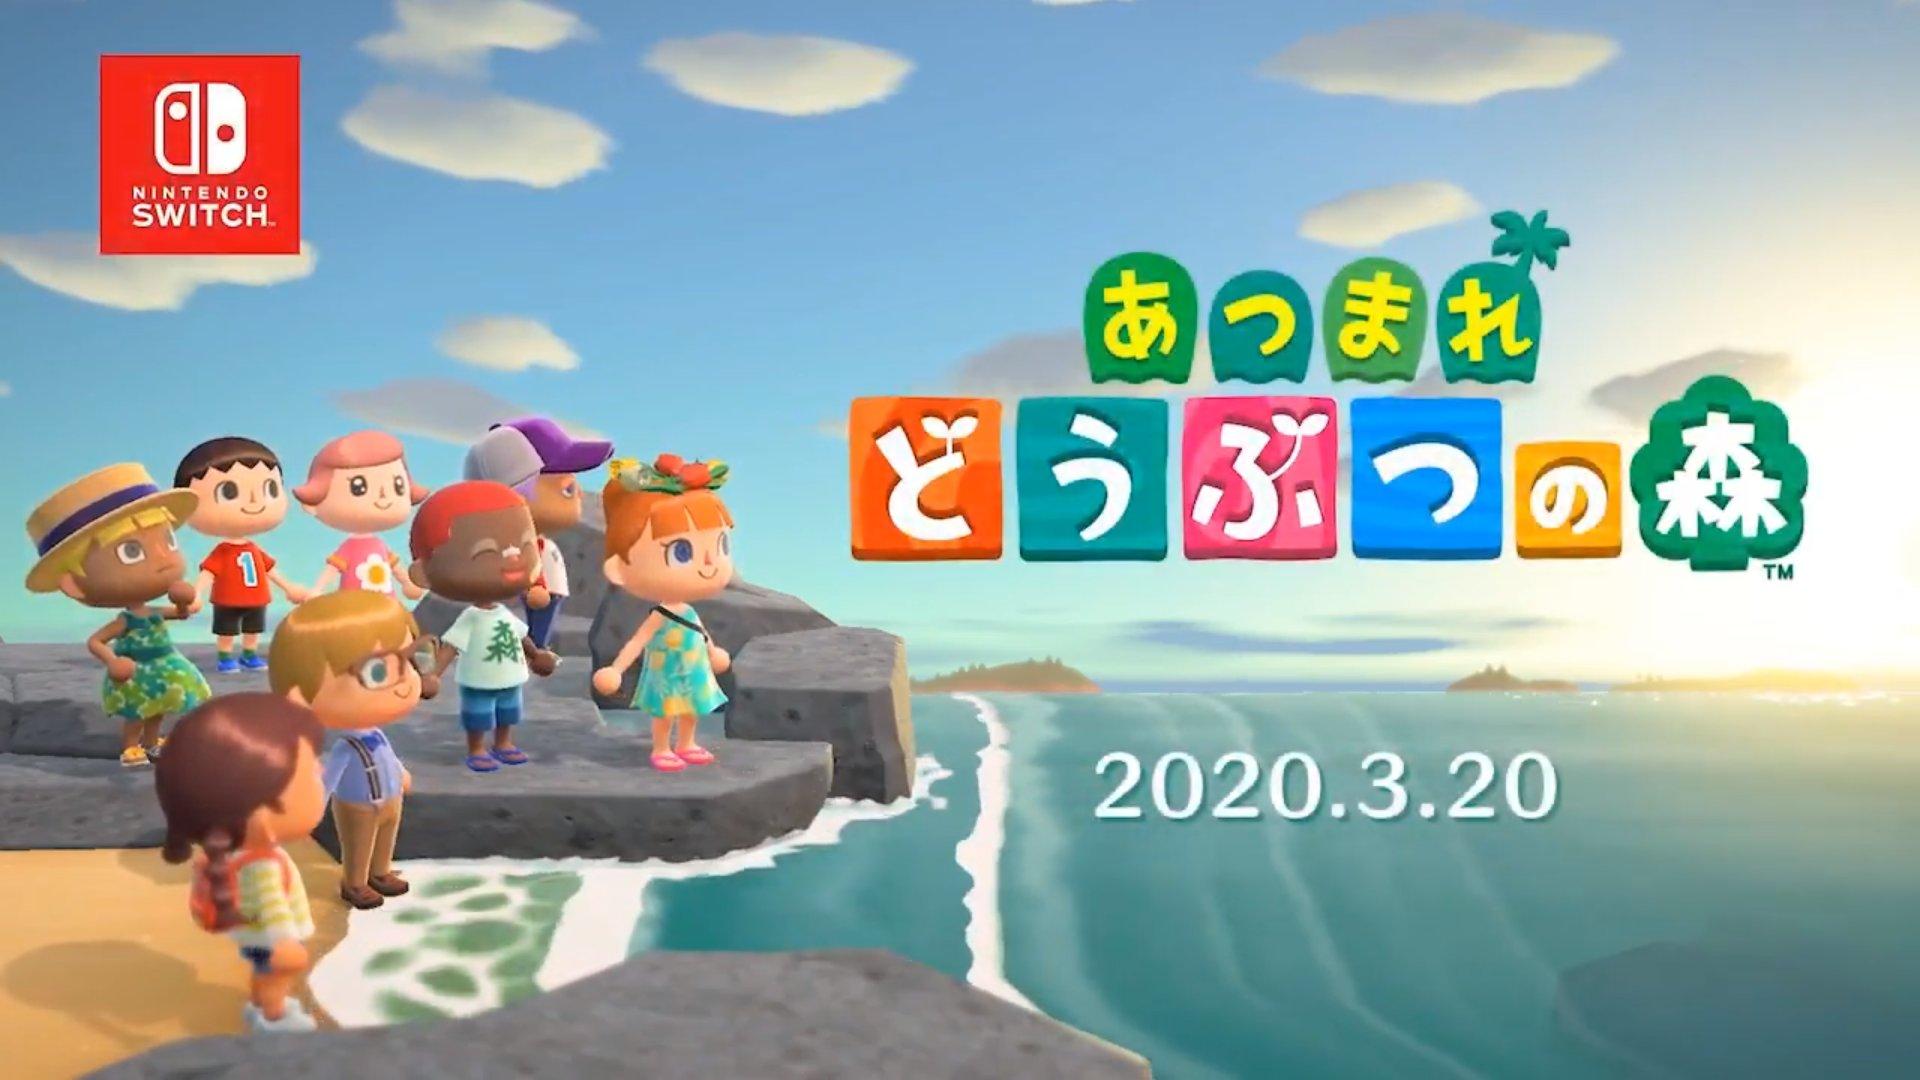 なぜ日本のゲームは「子供向け」「オタク向け」ばかりで万人向けが少ないのか